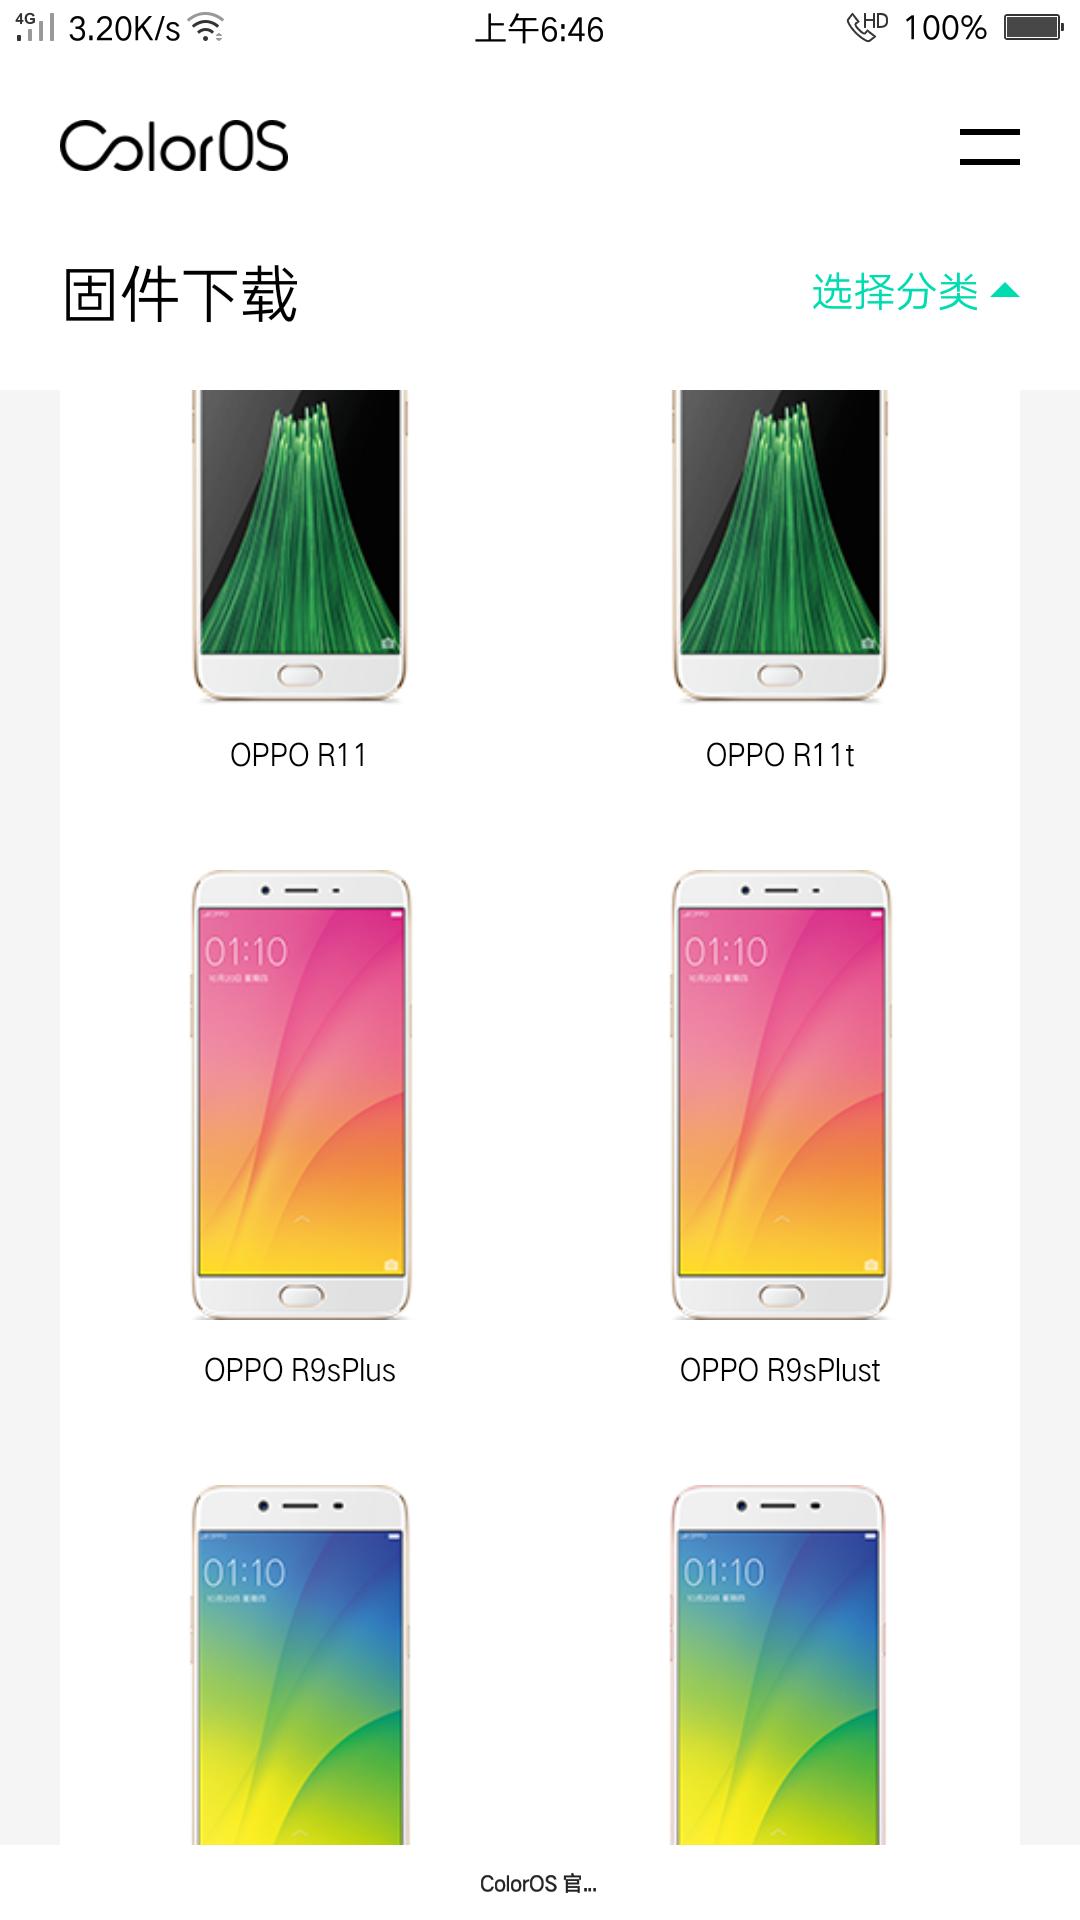 玩机广场OPPO R9s Plus刷成其他手机升级包。